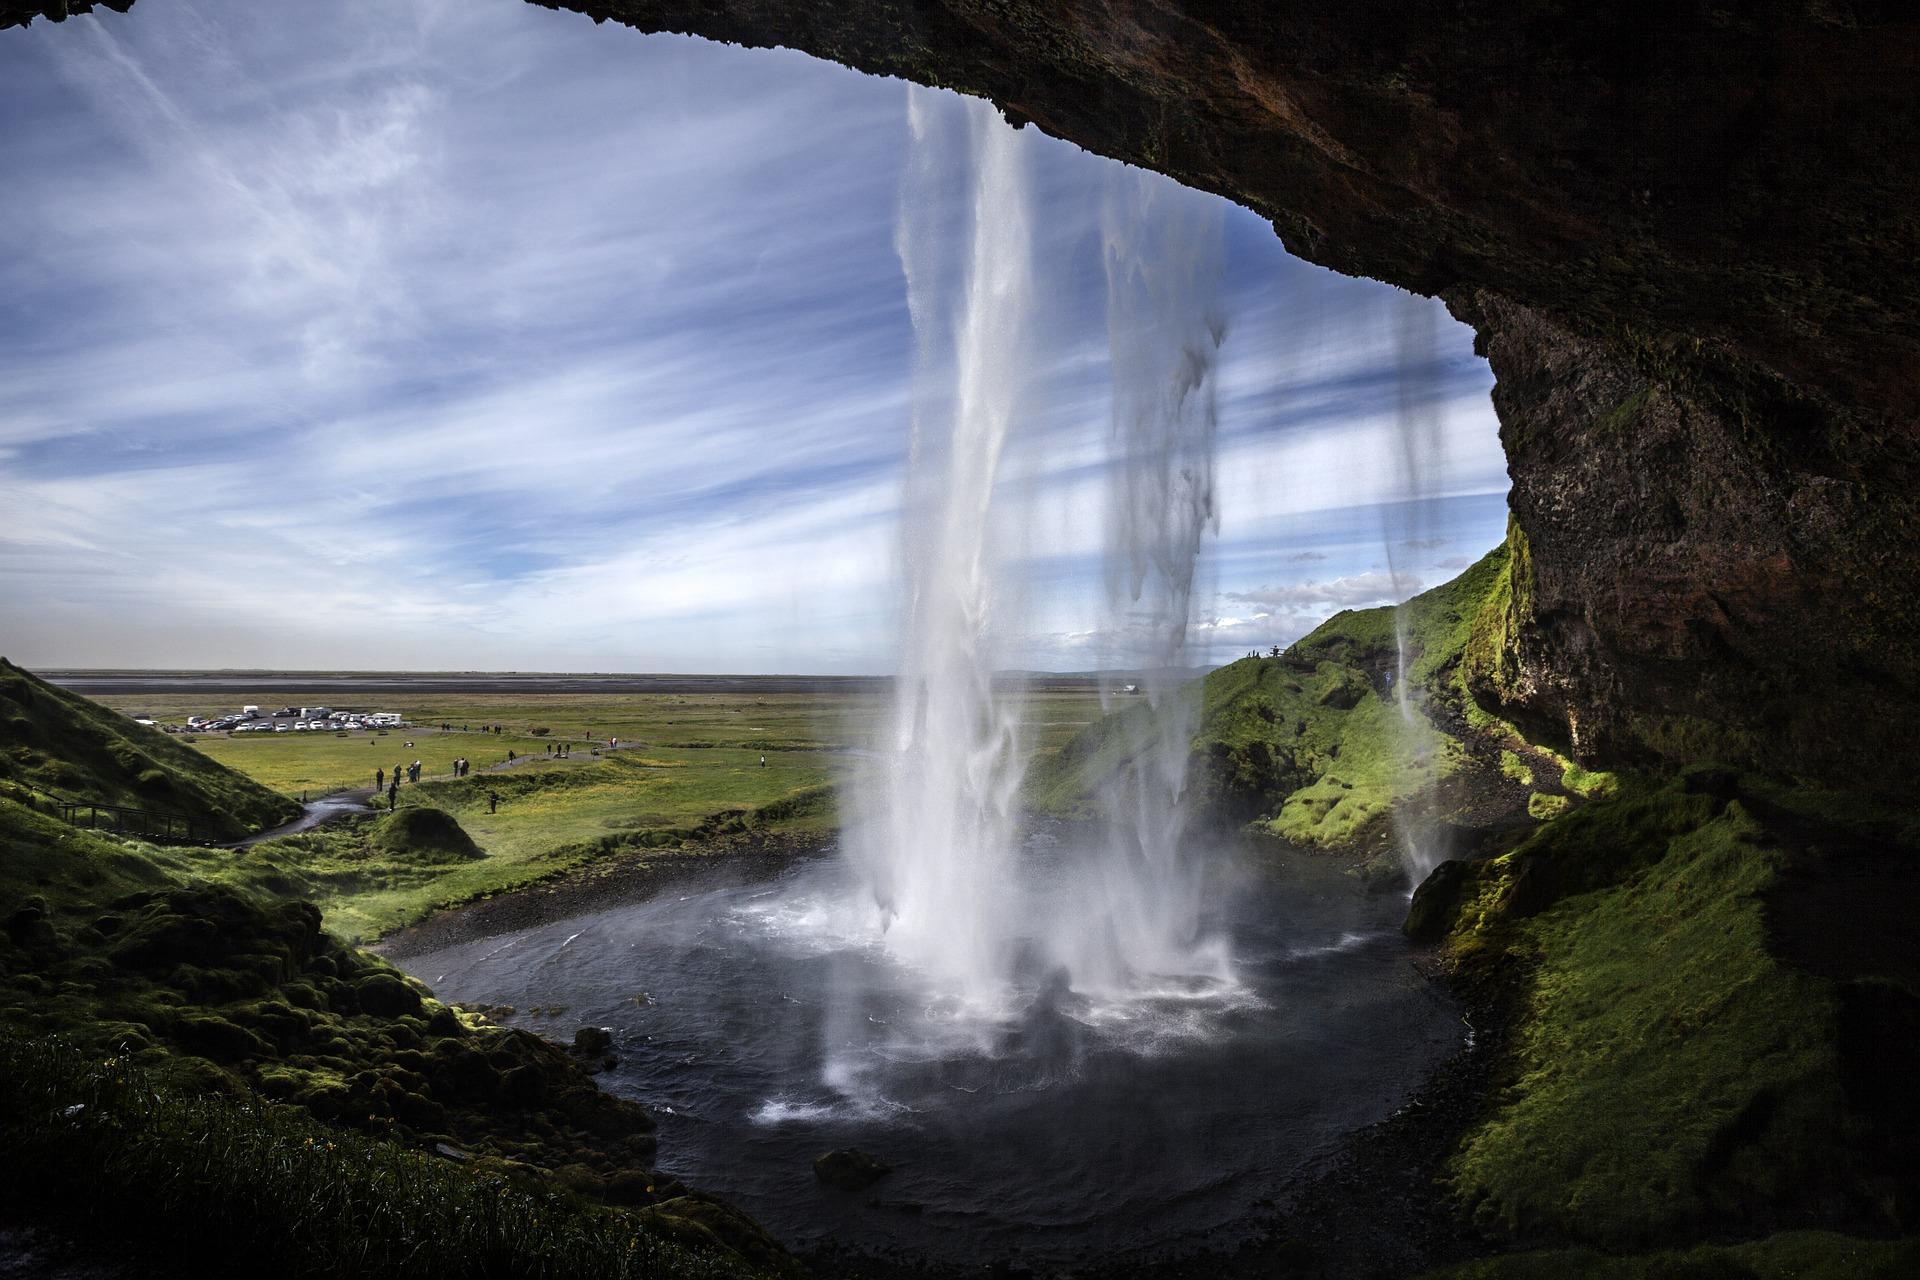 3-dniowa wycieczka z przewodnikiem po południowym wybrzeżu Islandii, Złotym Kręgu i lagunie Jokulsarlon - day 2